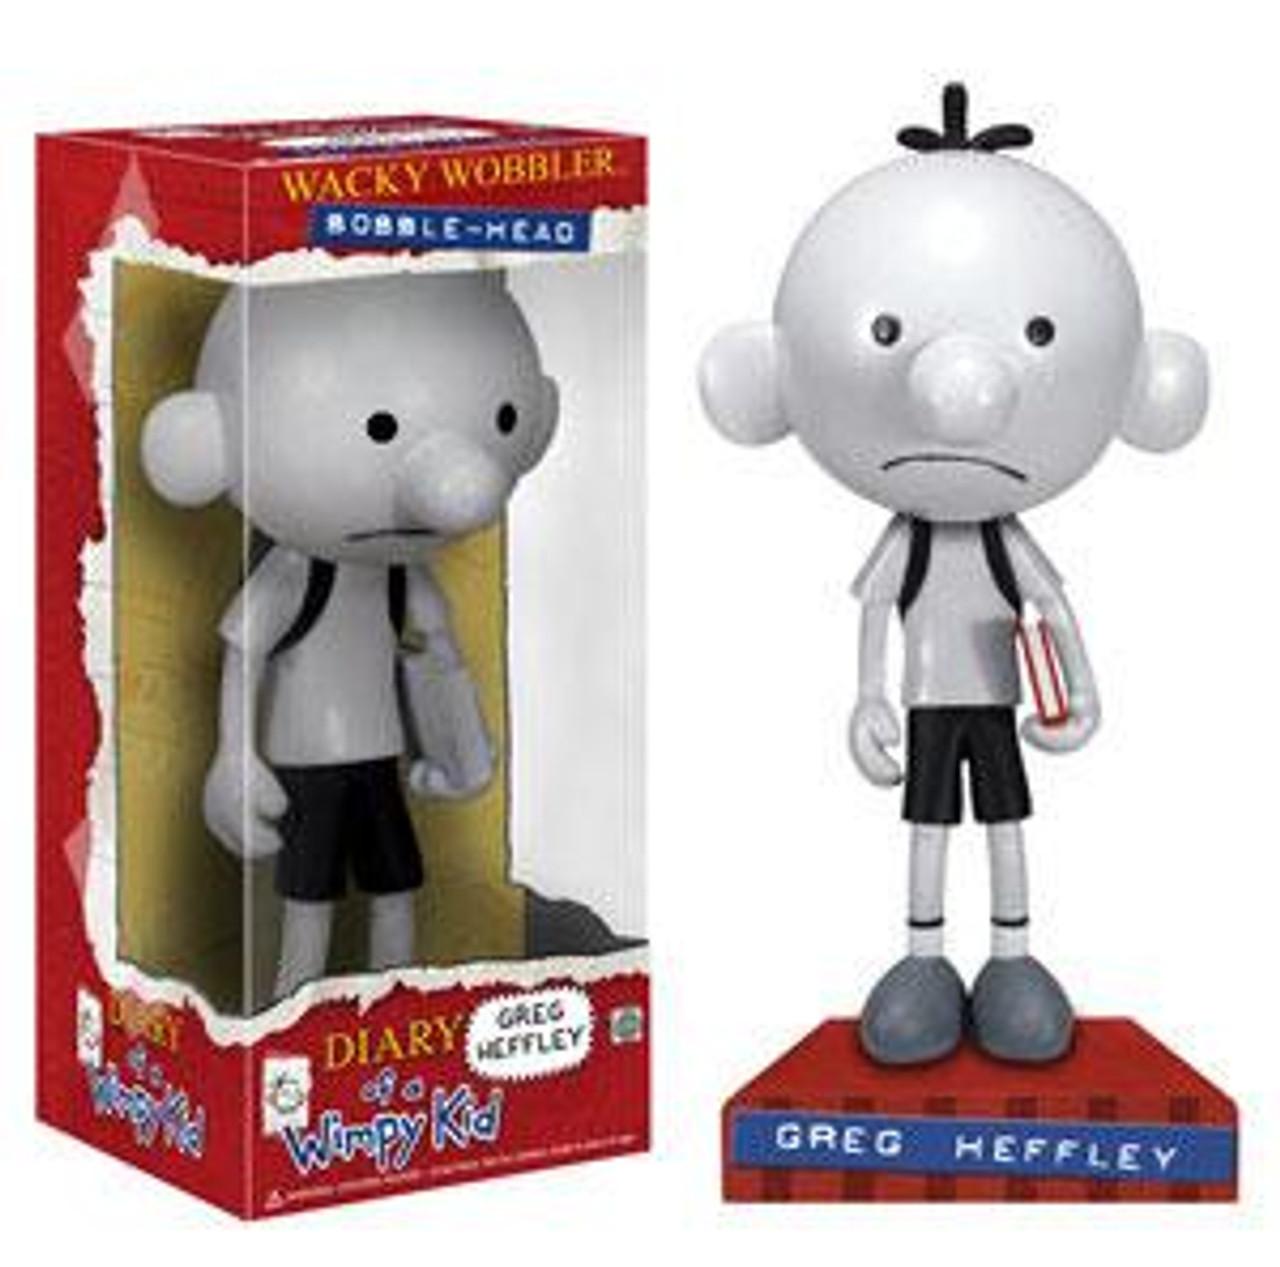 Funko Diary of a Wimpy Kid Wacky Wobbler Greg Heffley Bobble Head